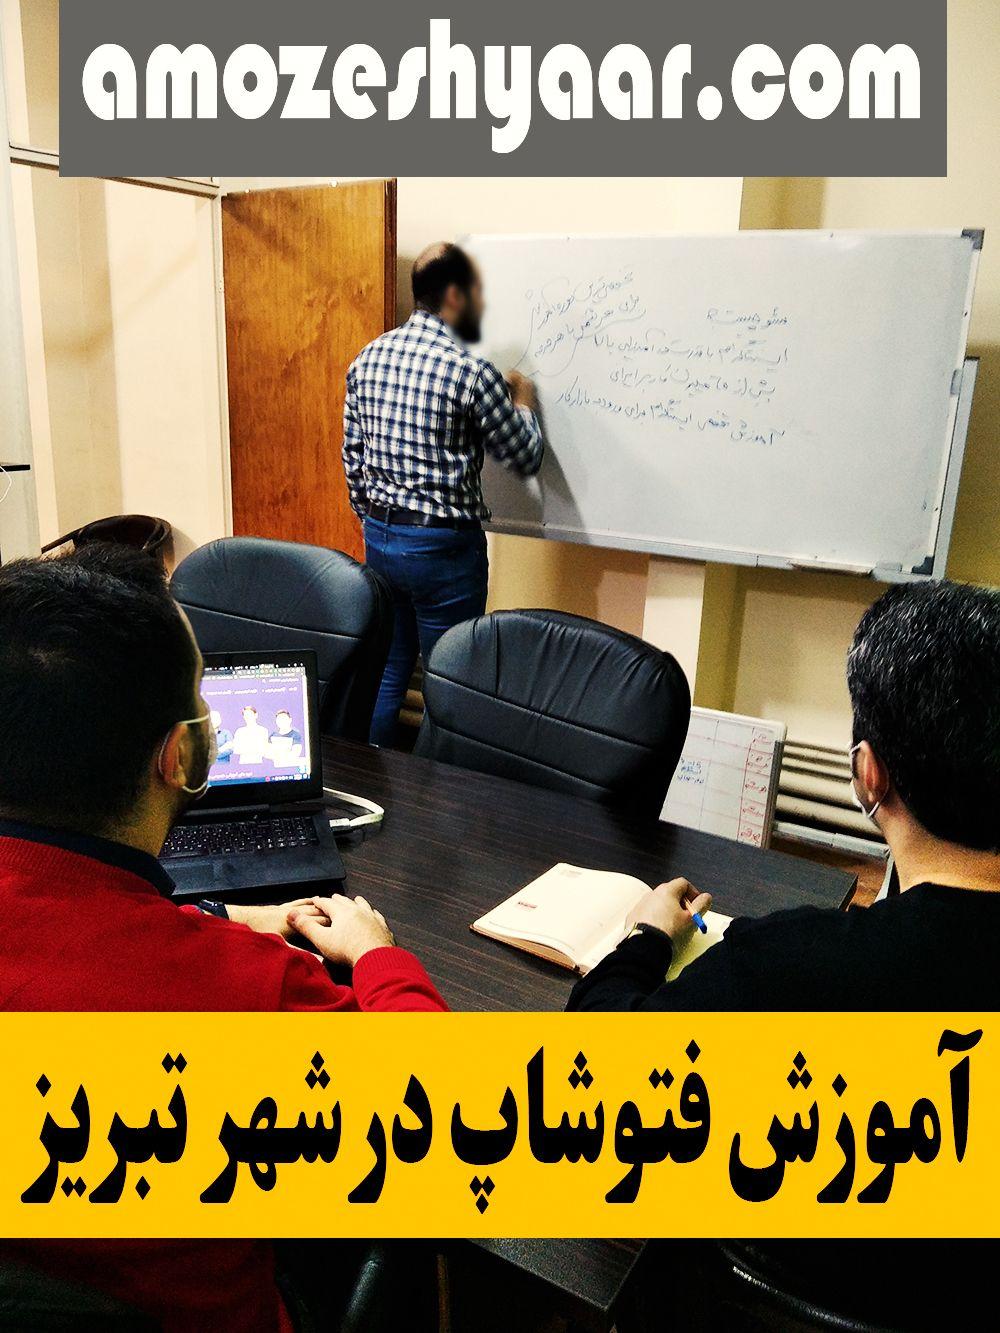 آموزش فتوشاپ در تبریز